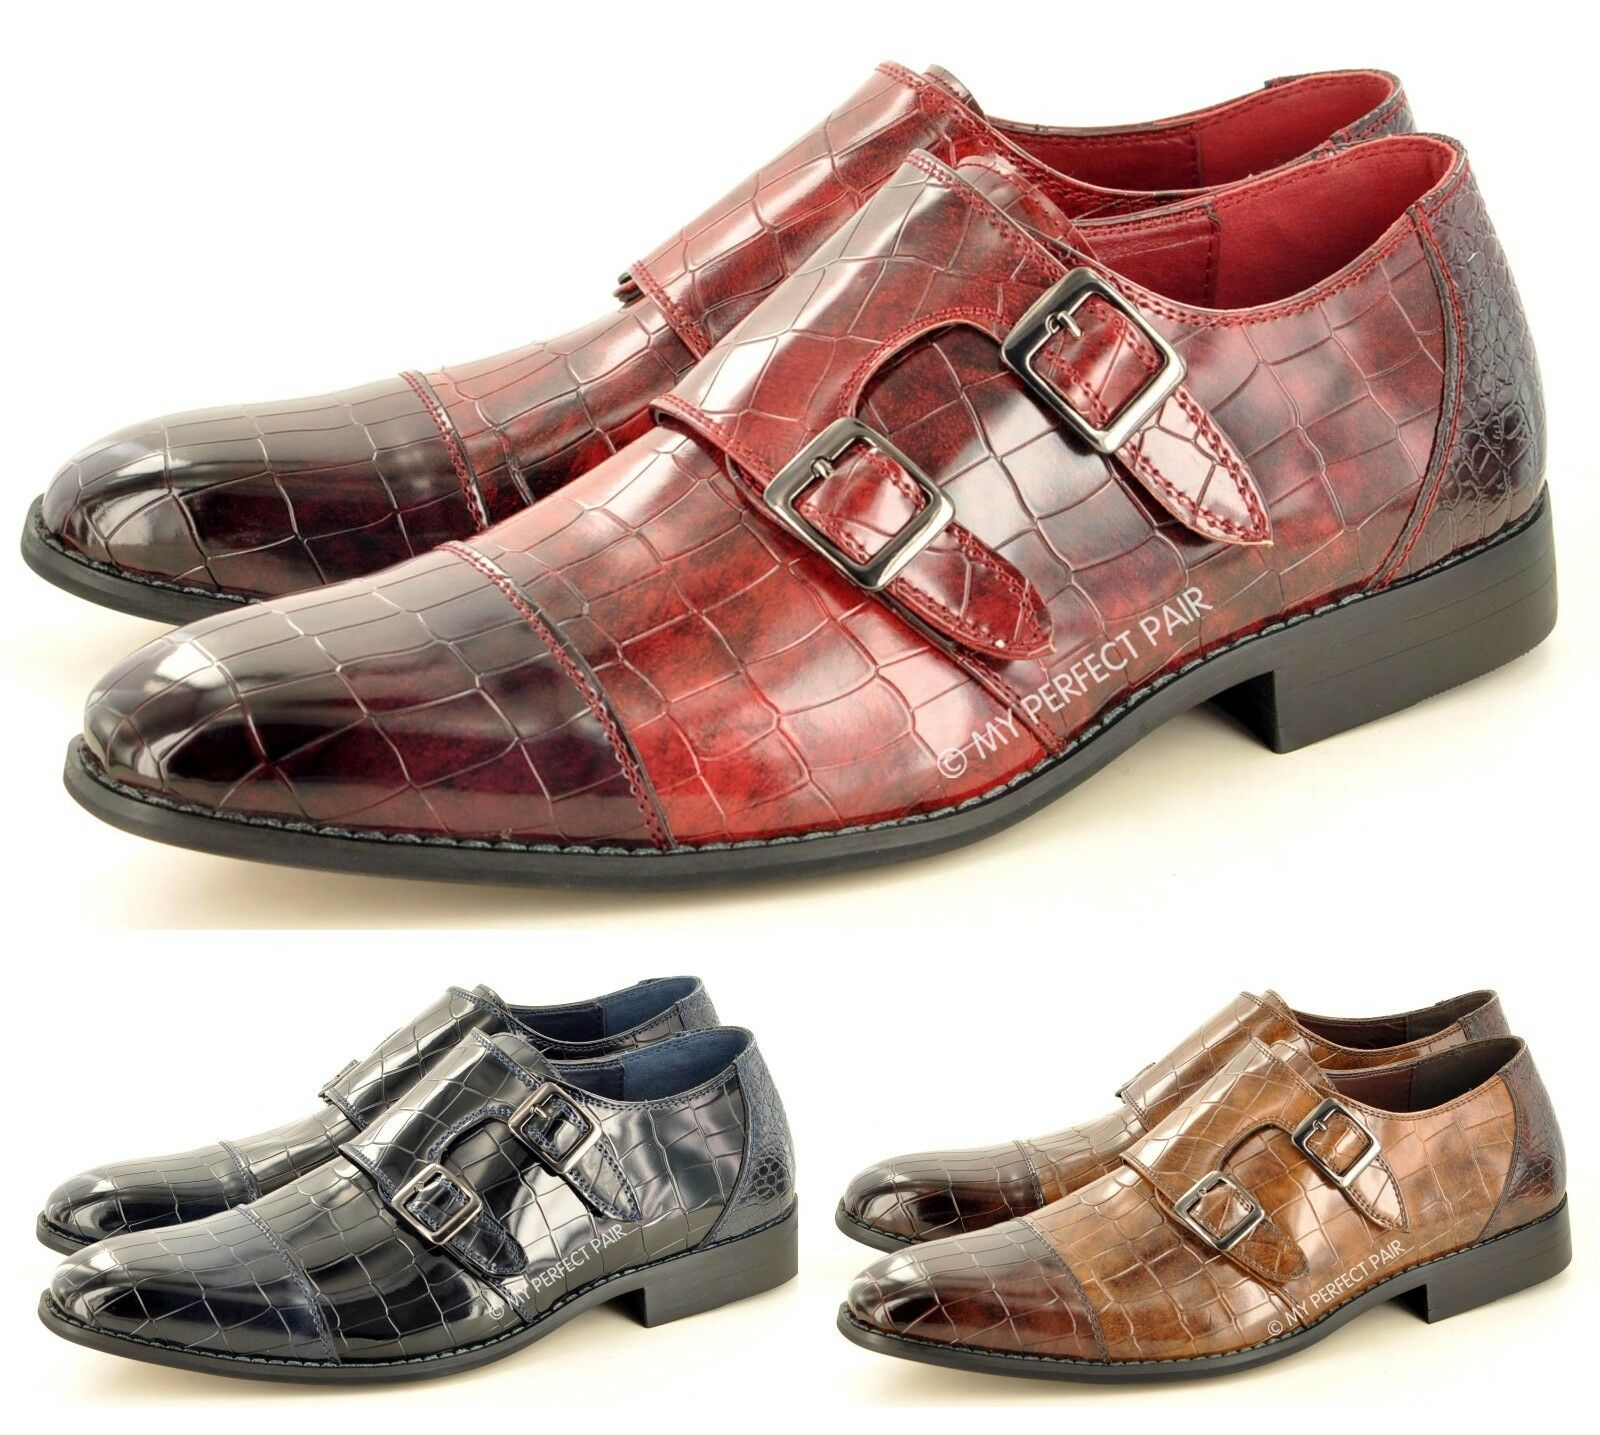 Men's Croc Skin Pattern Monk Strap Slip On Formal 7-11 Casual Loafer Shoes Size 7-11 Formal 412276